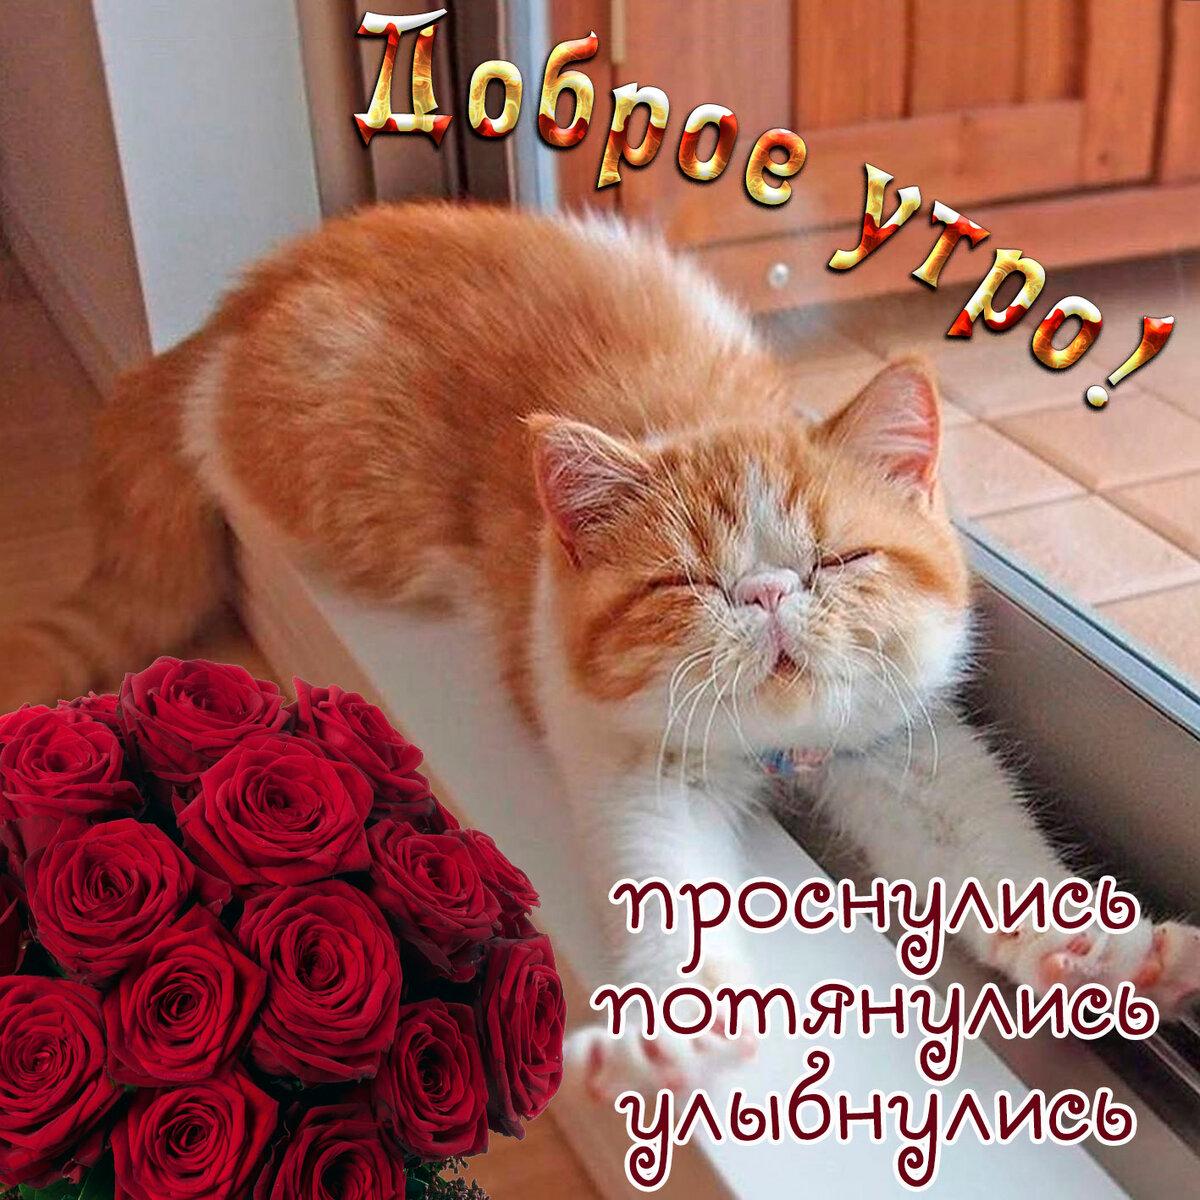 Фото с кошками и надписями доброе утро, одноклассники вставить